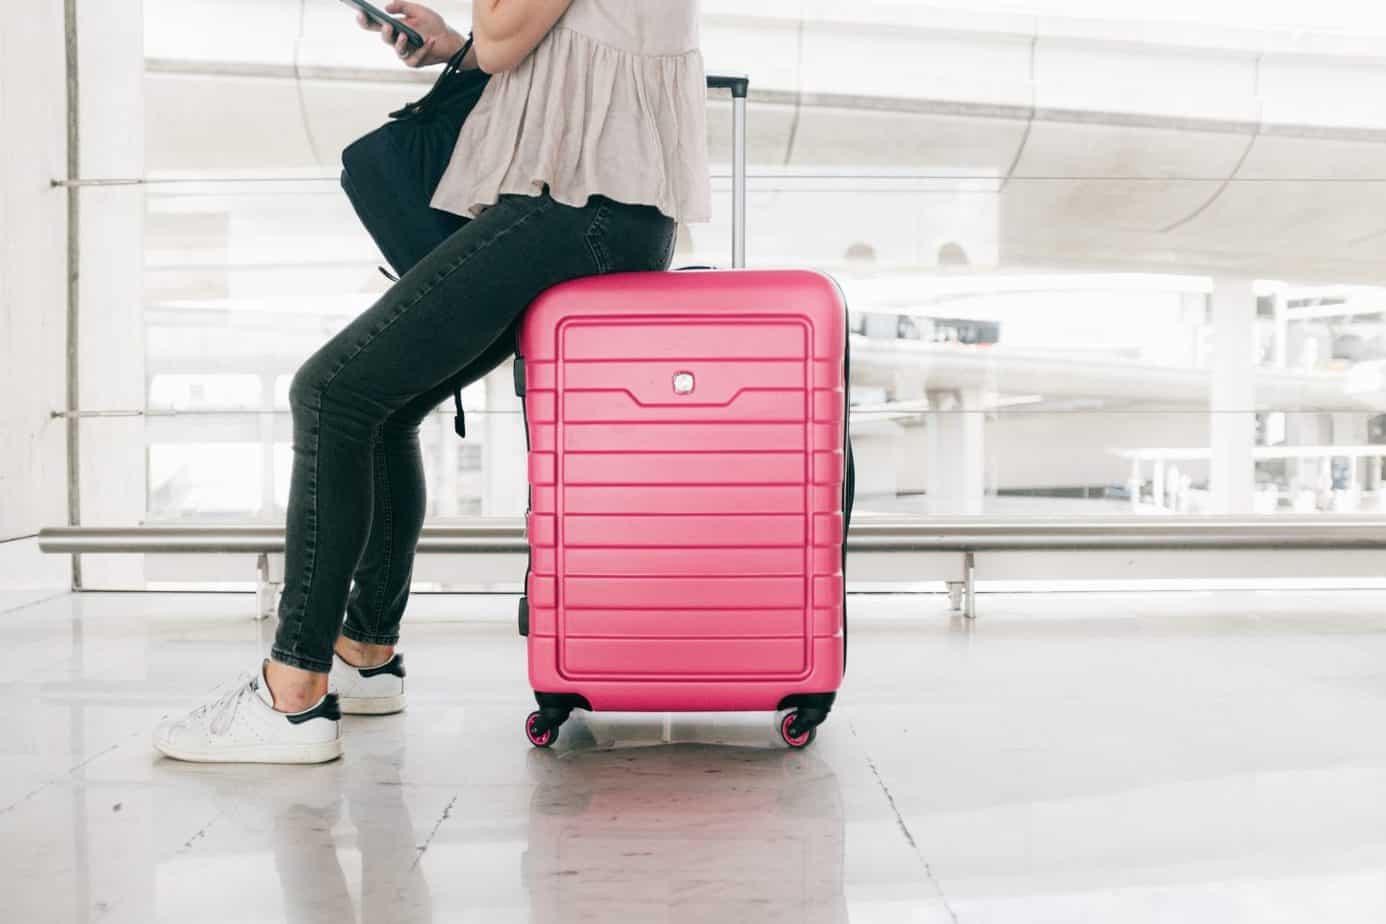 Eco-friendly travel gear